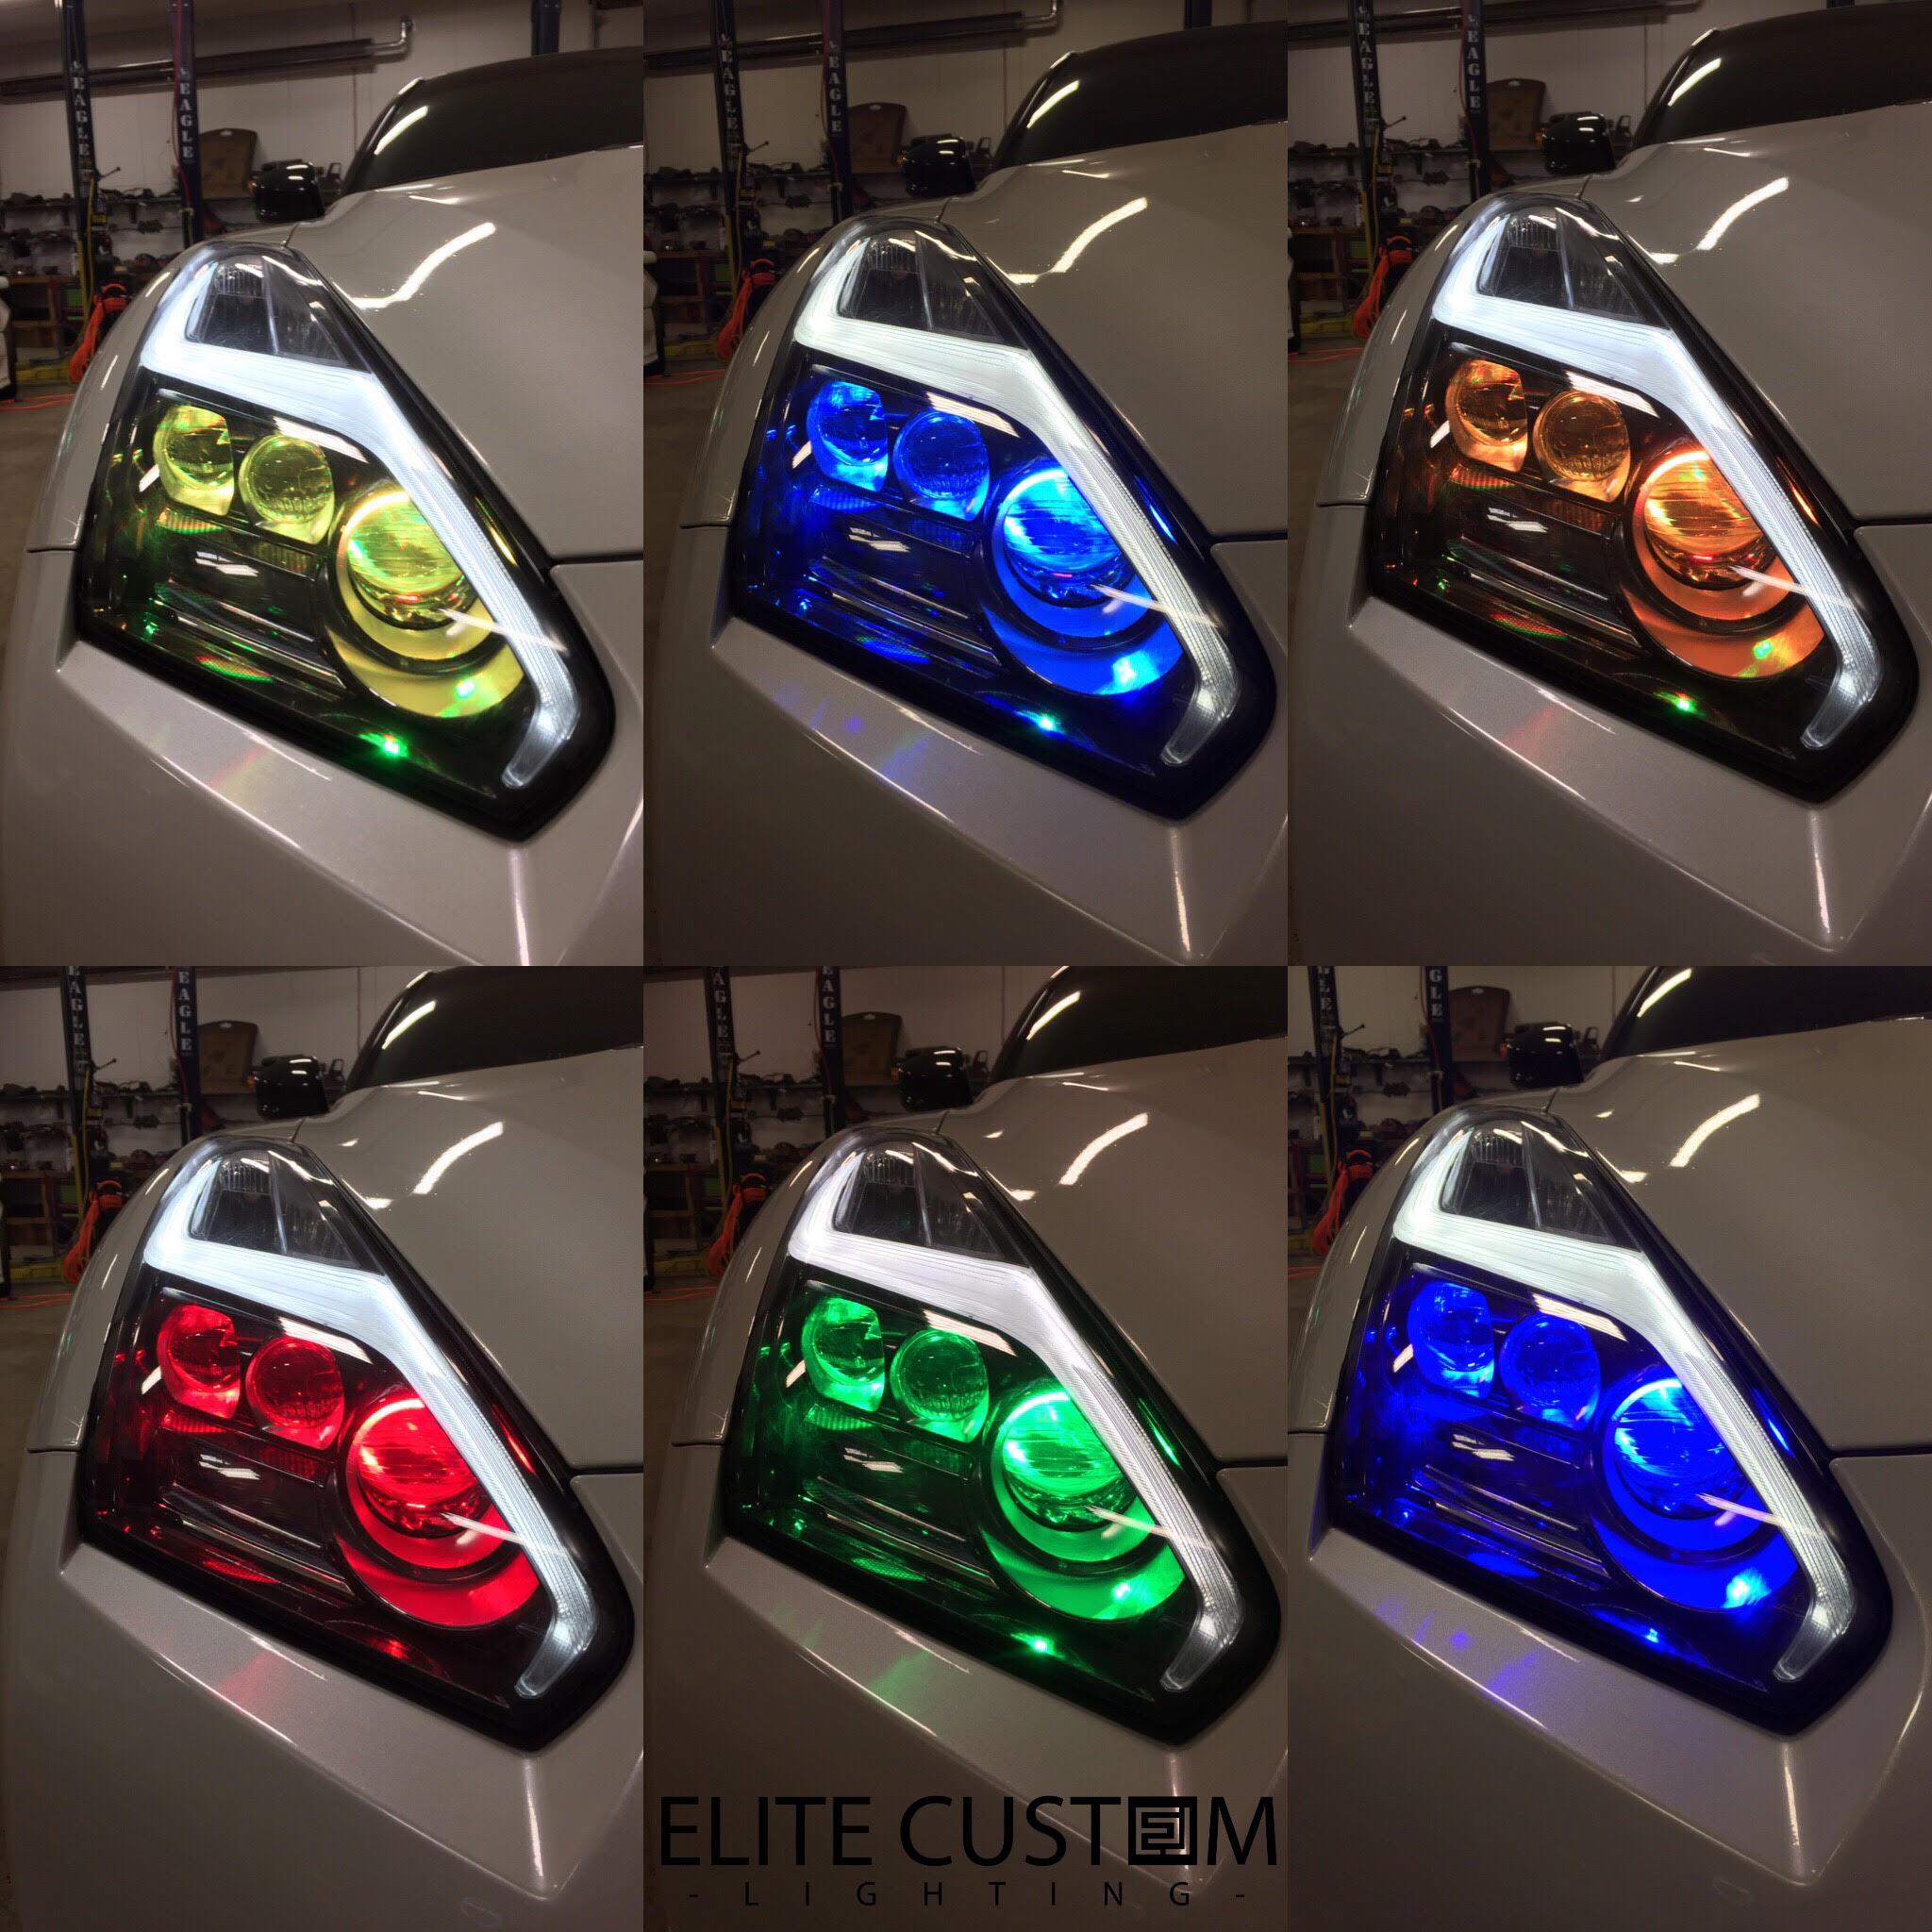 Elite%20Custom%20Lighting_GTR.jpg